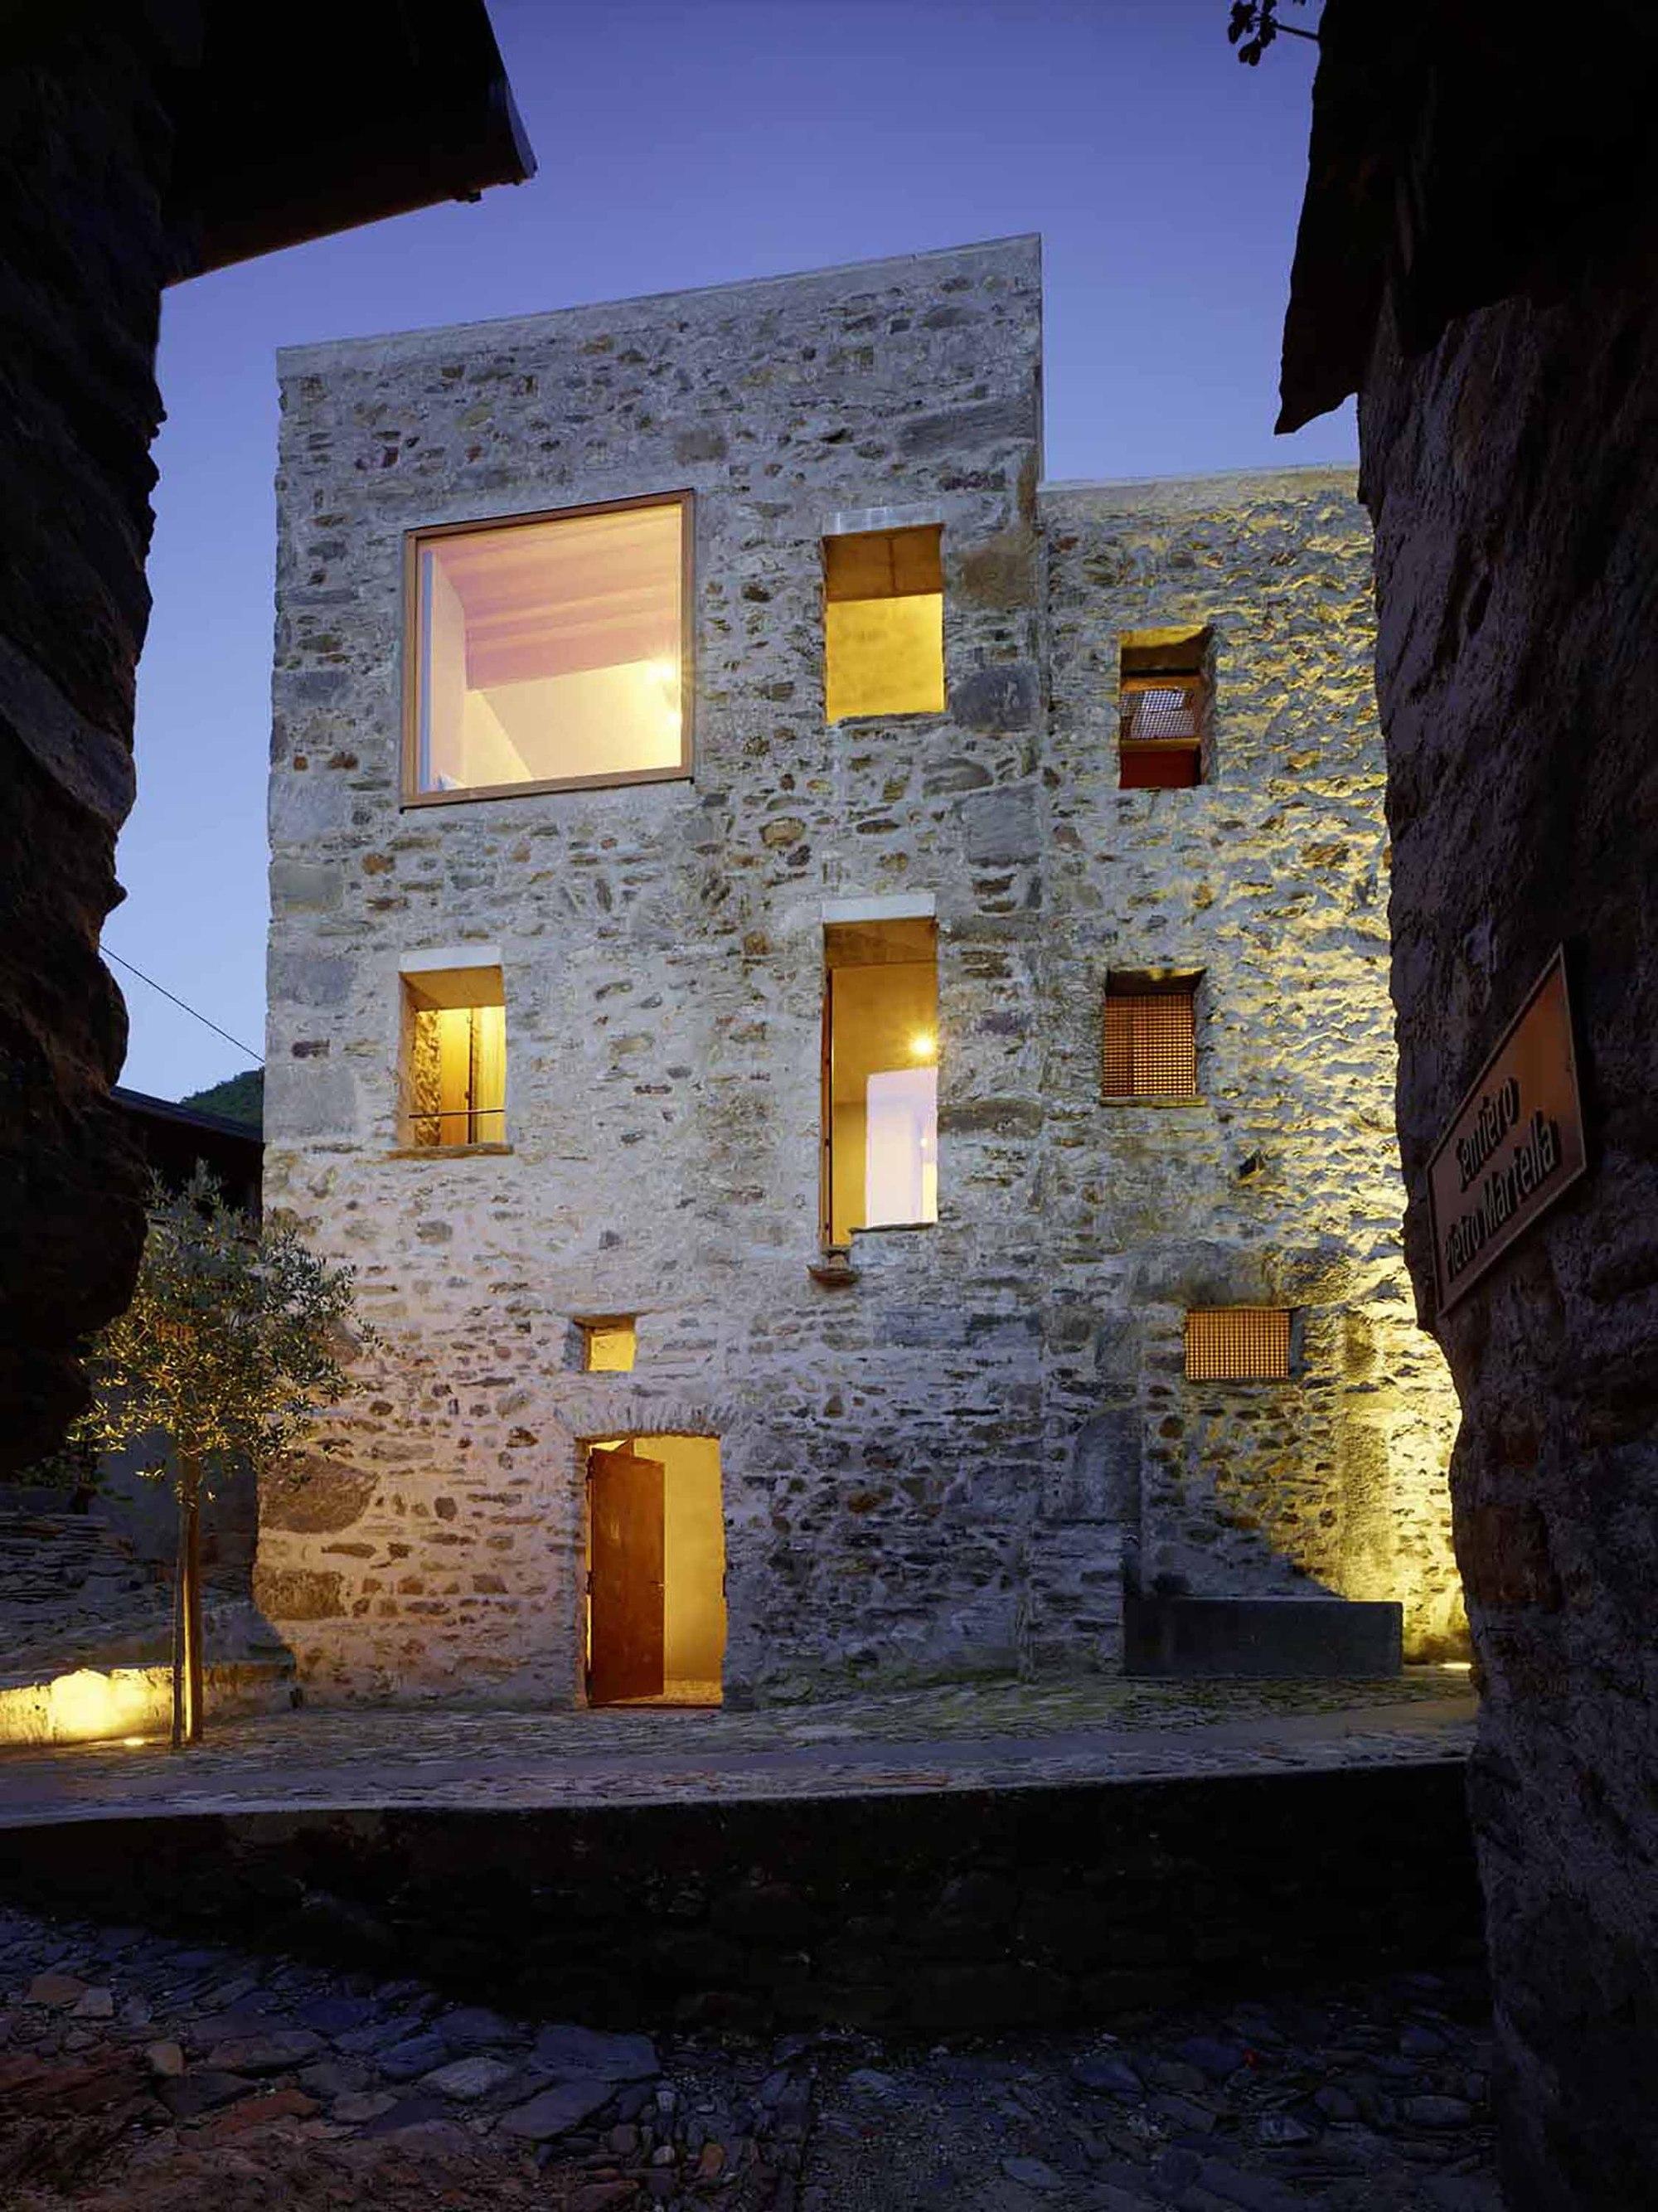 Wespi de meuron romeo architects casa de piedra en - Casa de piedra porcuna ...